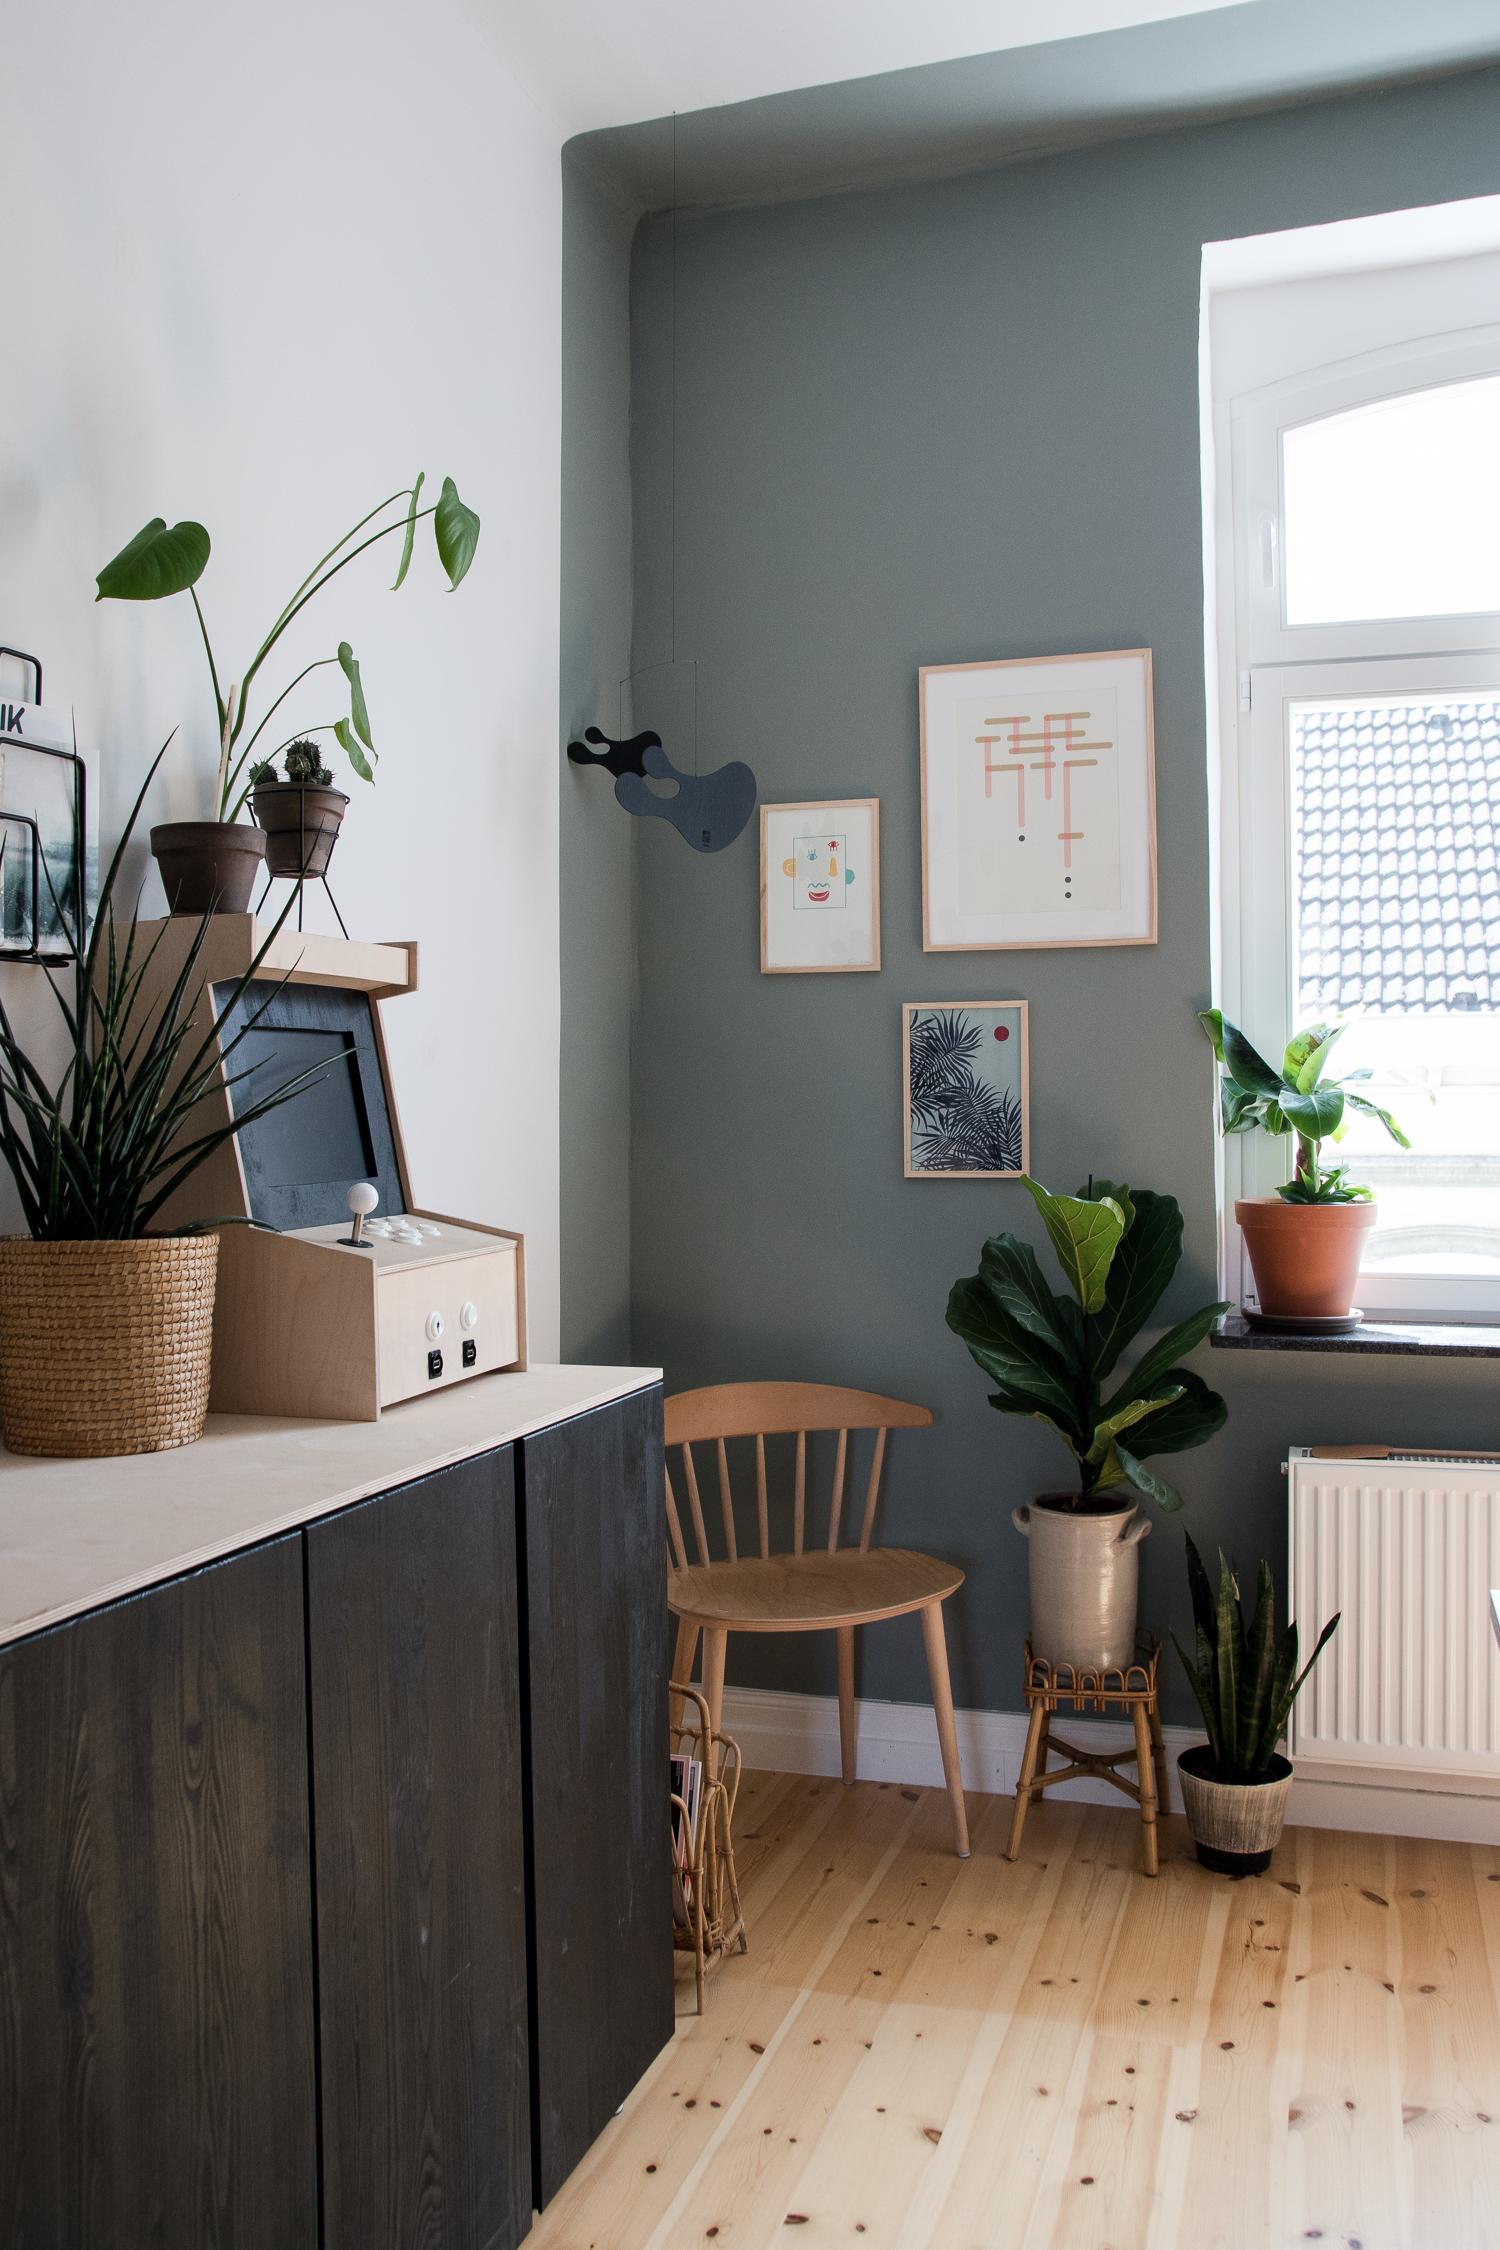 Arbeitszimmer Wandfarbe einrichtungsideen für ein wohnliches arbeitszimmer craftifair